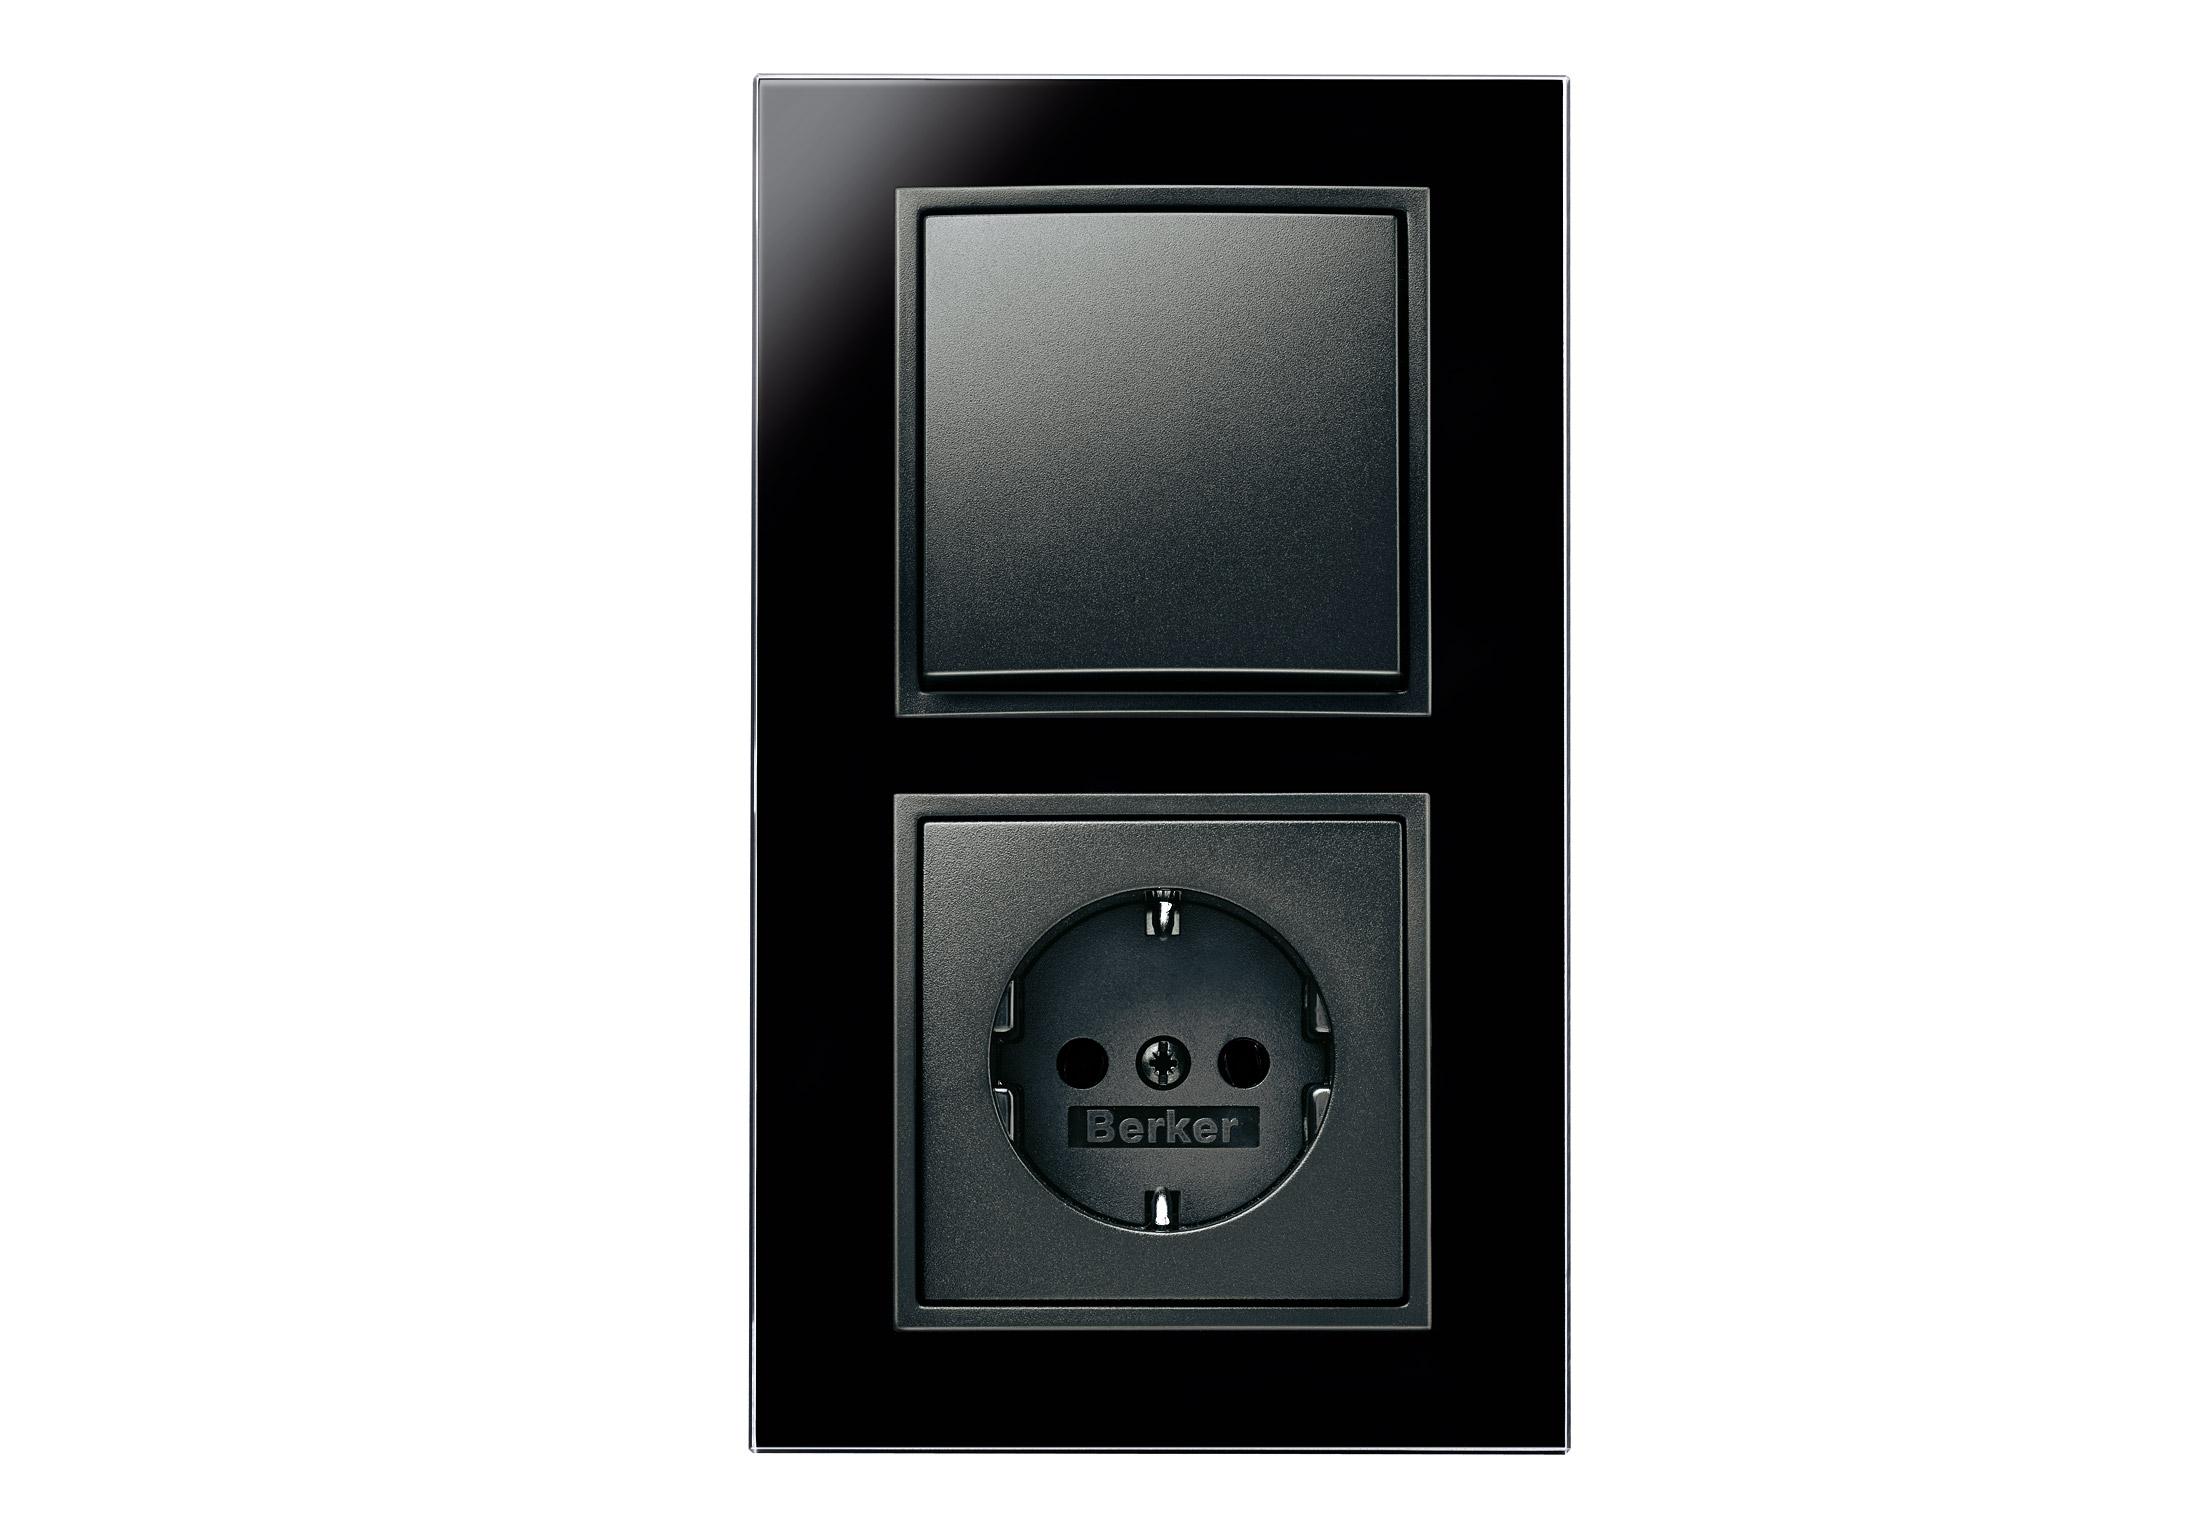 b 7 glas schalter steckdosen kombination von berker. Black Bedroom Furniture Sets. Home Design Ideas